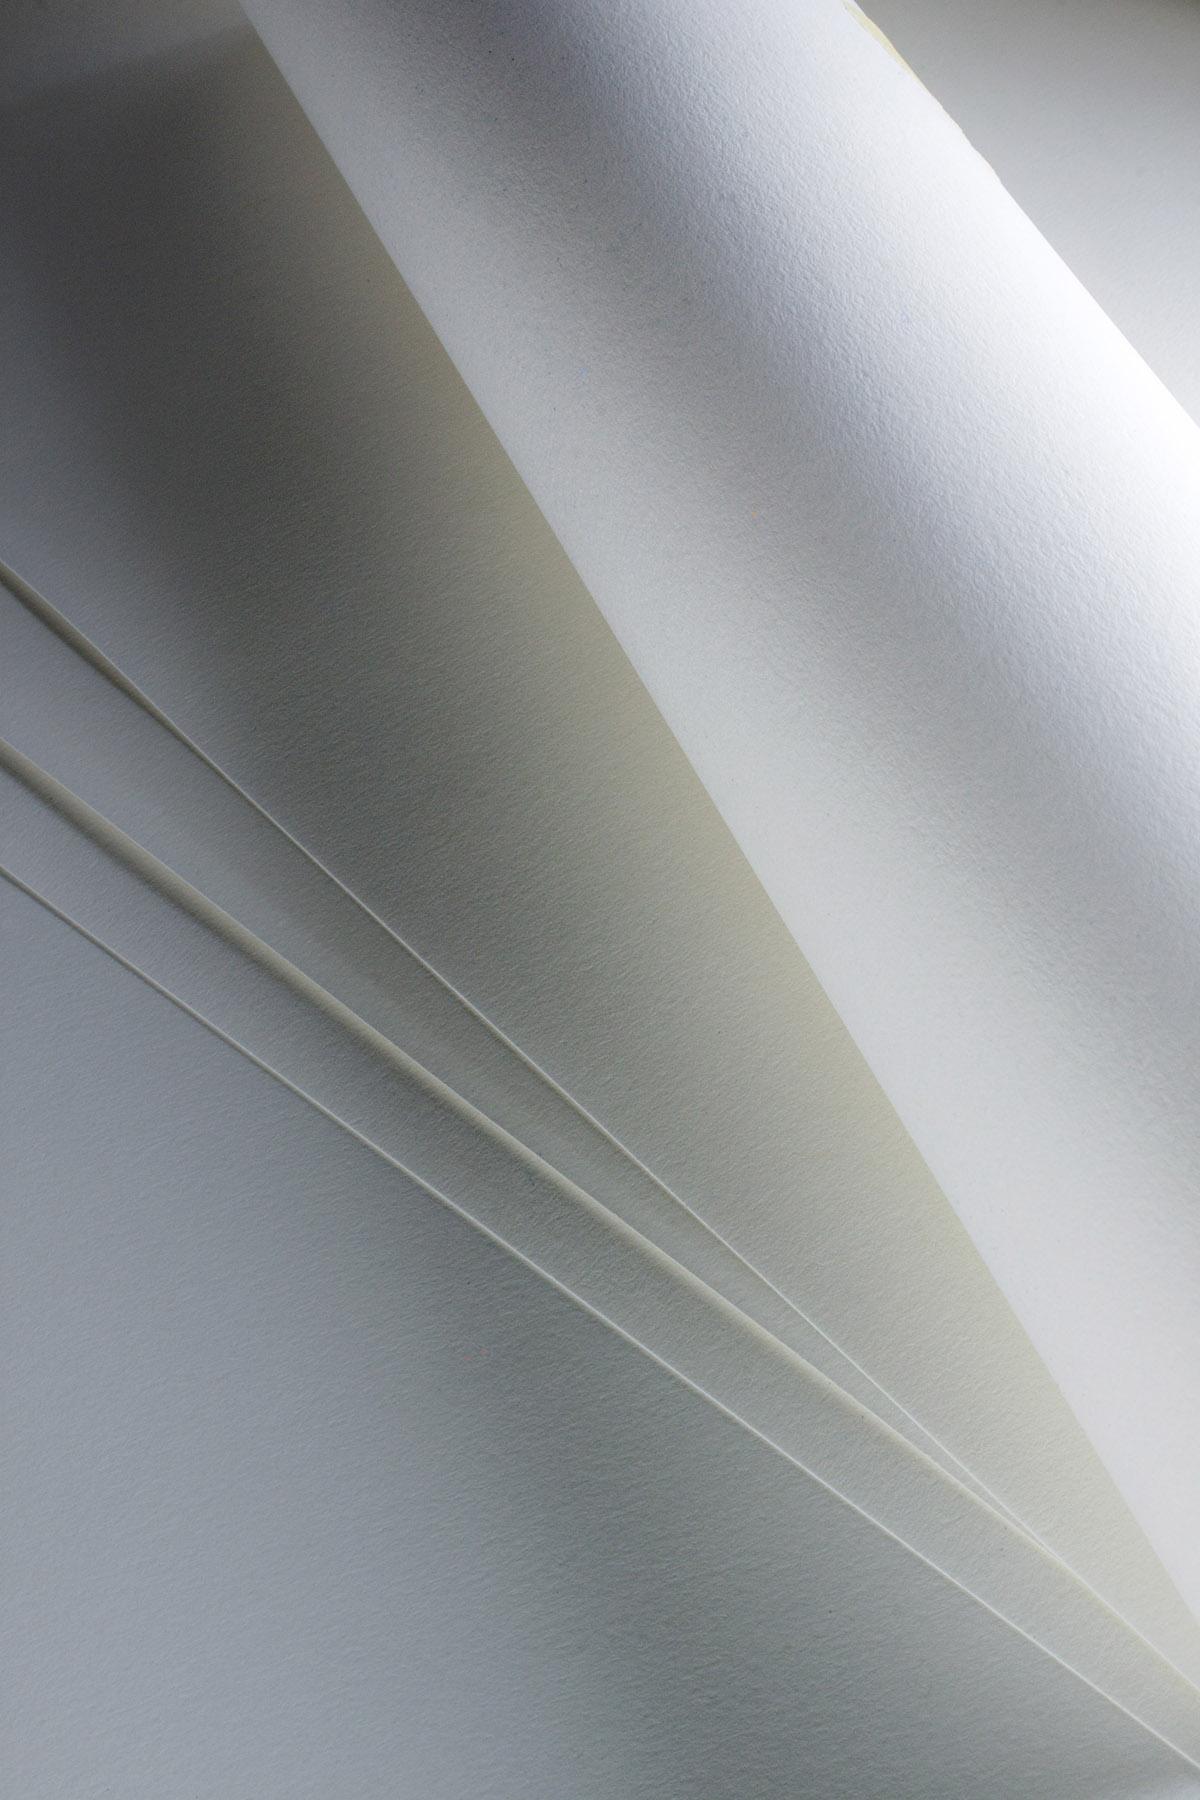 Бумага для рисования, зарисовок Fabriano Accademia 200г/м.кв 50x65см мелкозернистая 25л/упак